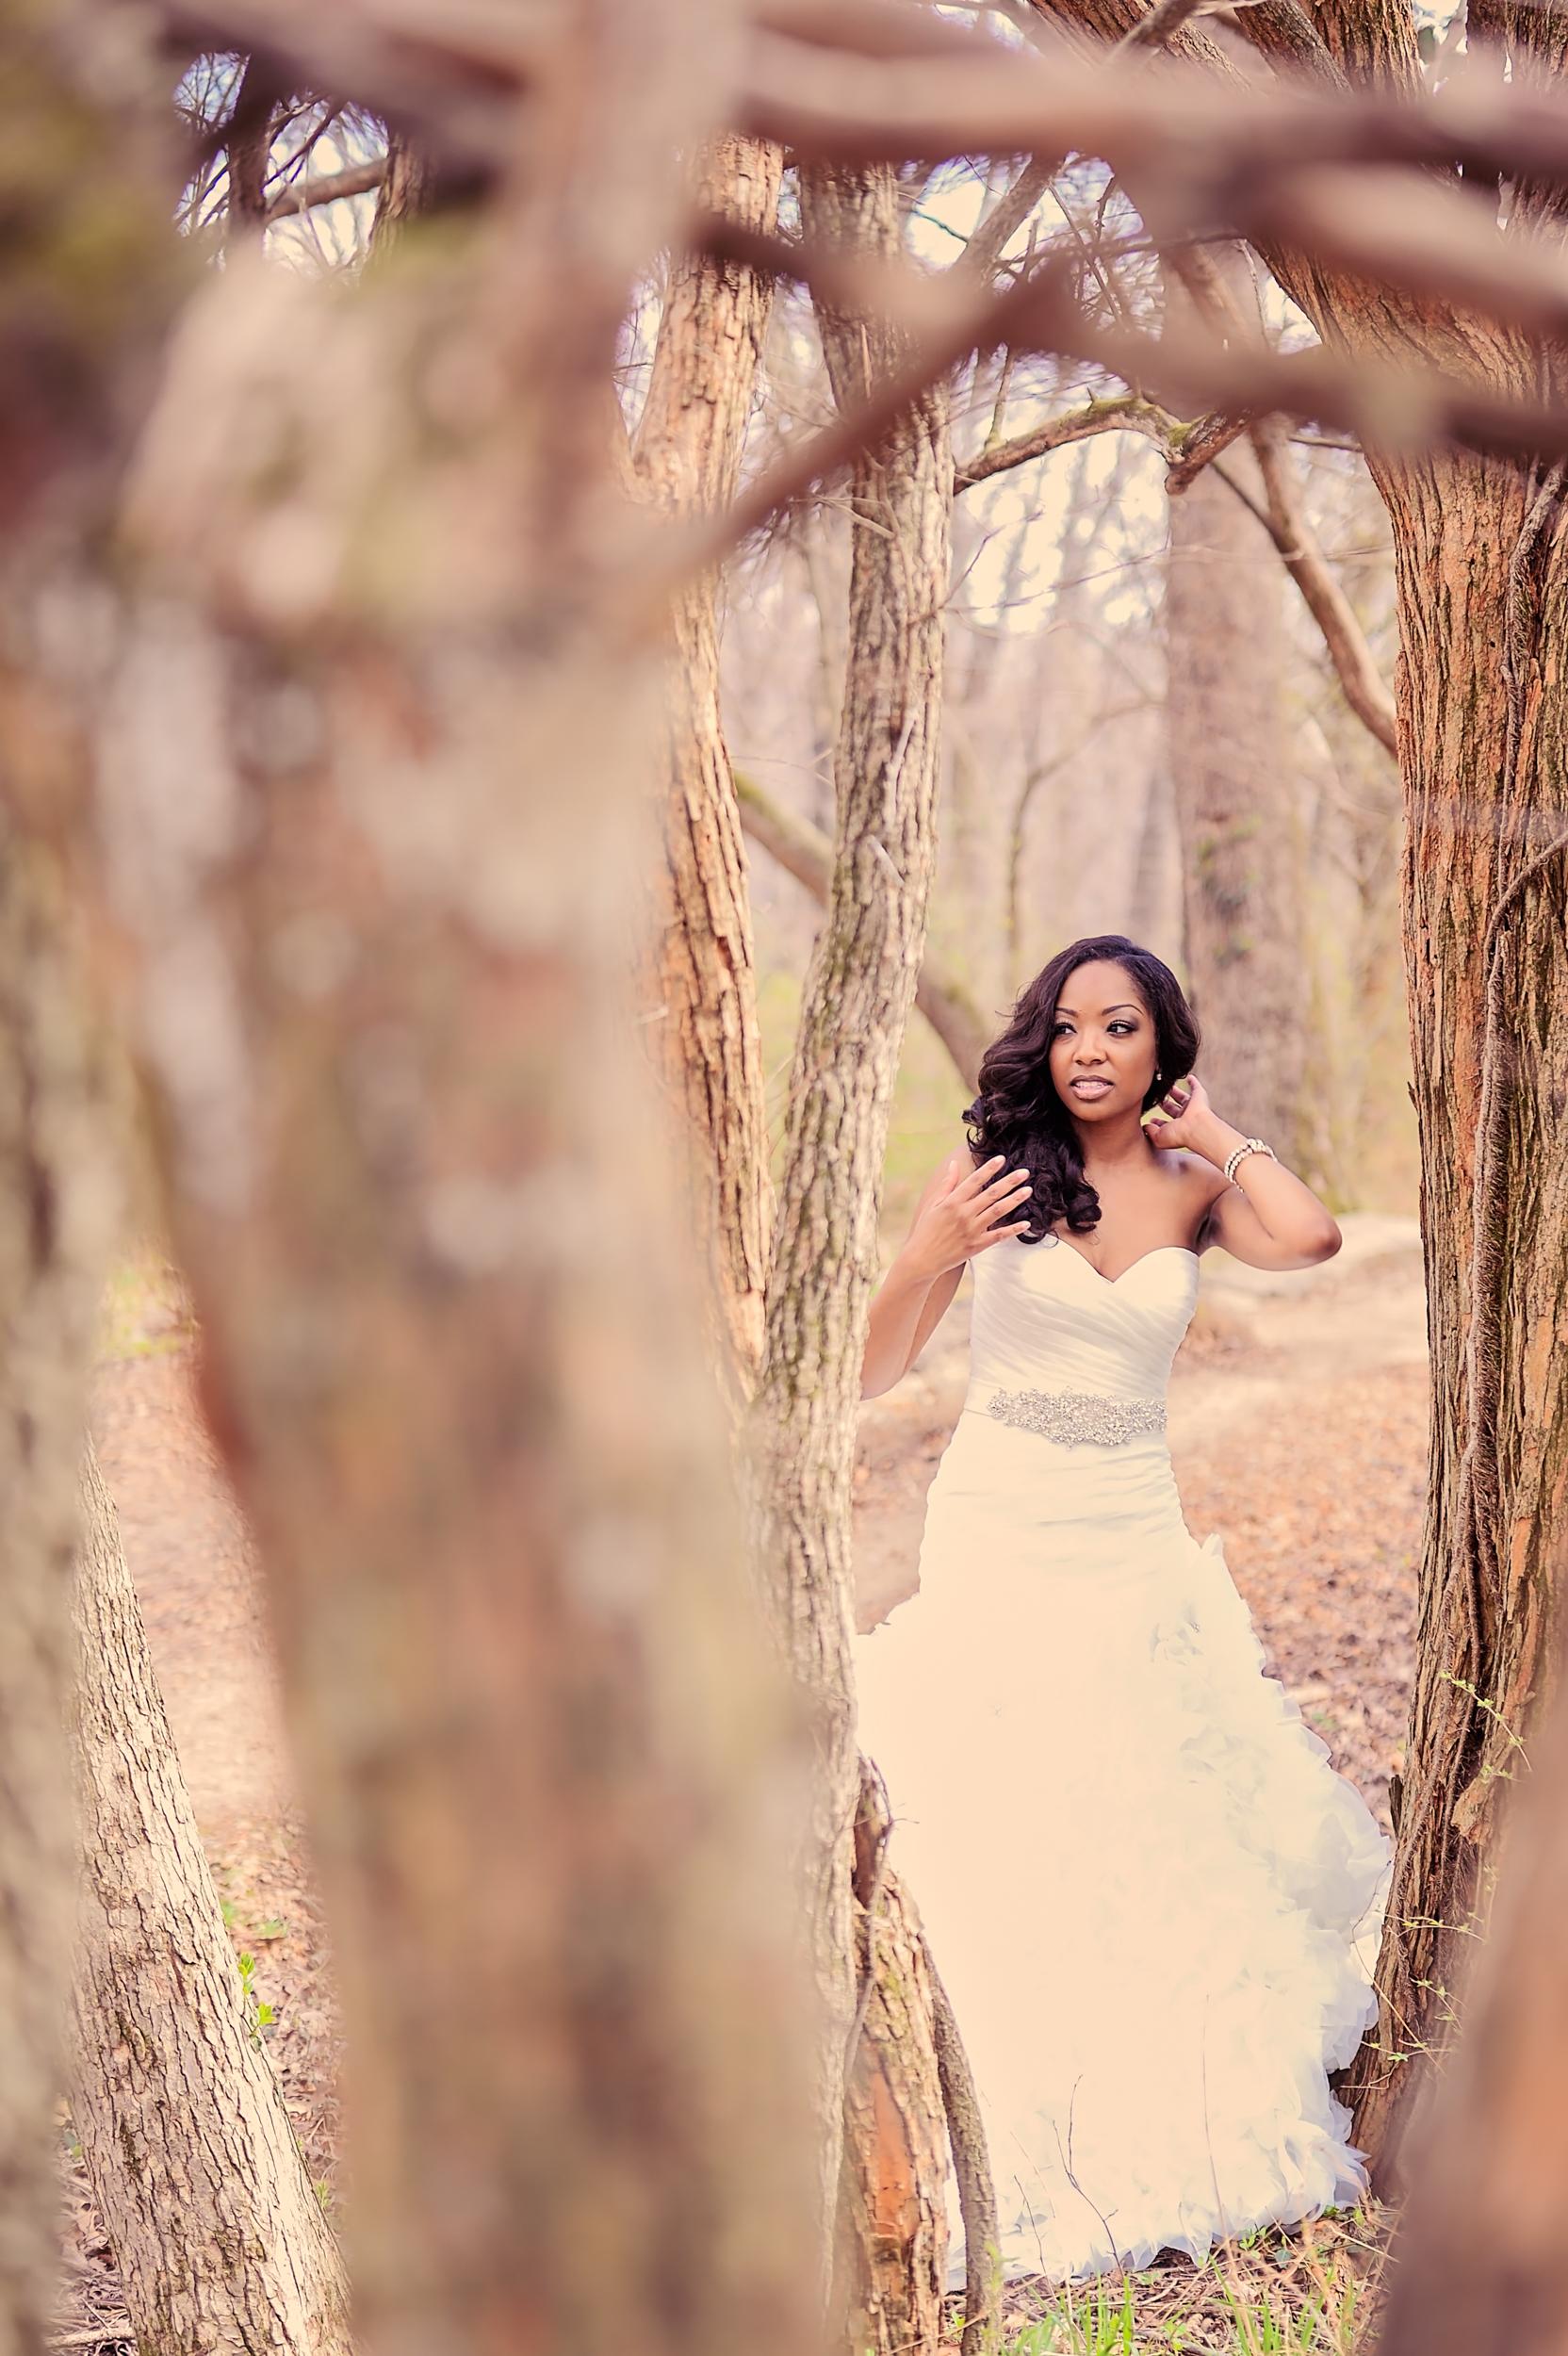 bridalsCOVER©2015mileswittboyer-3.jpg